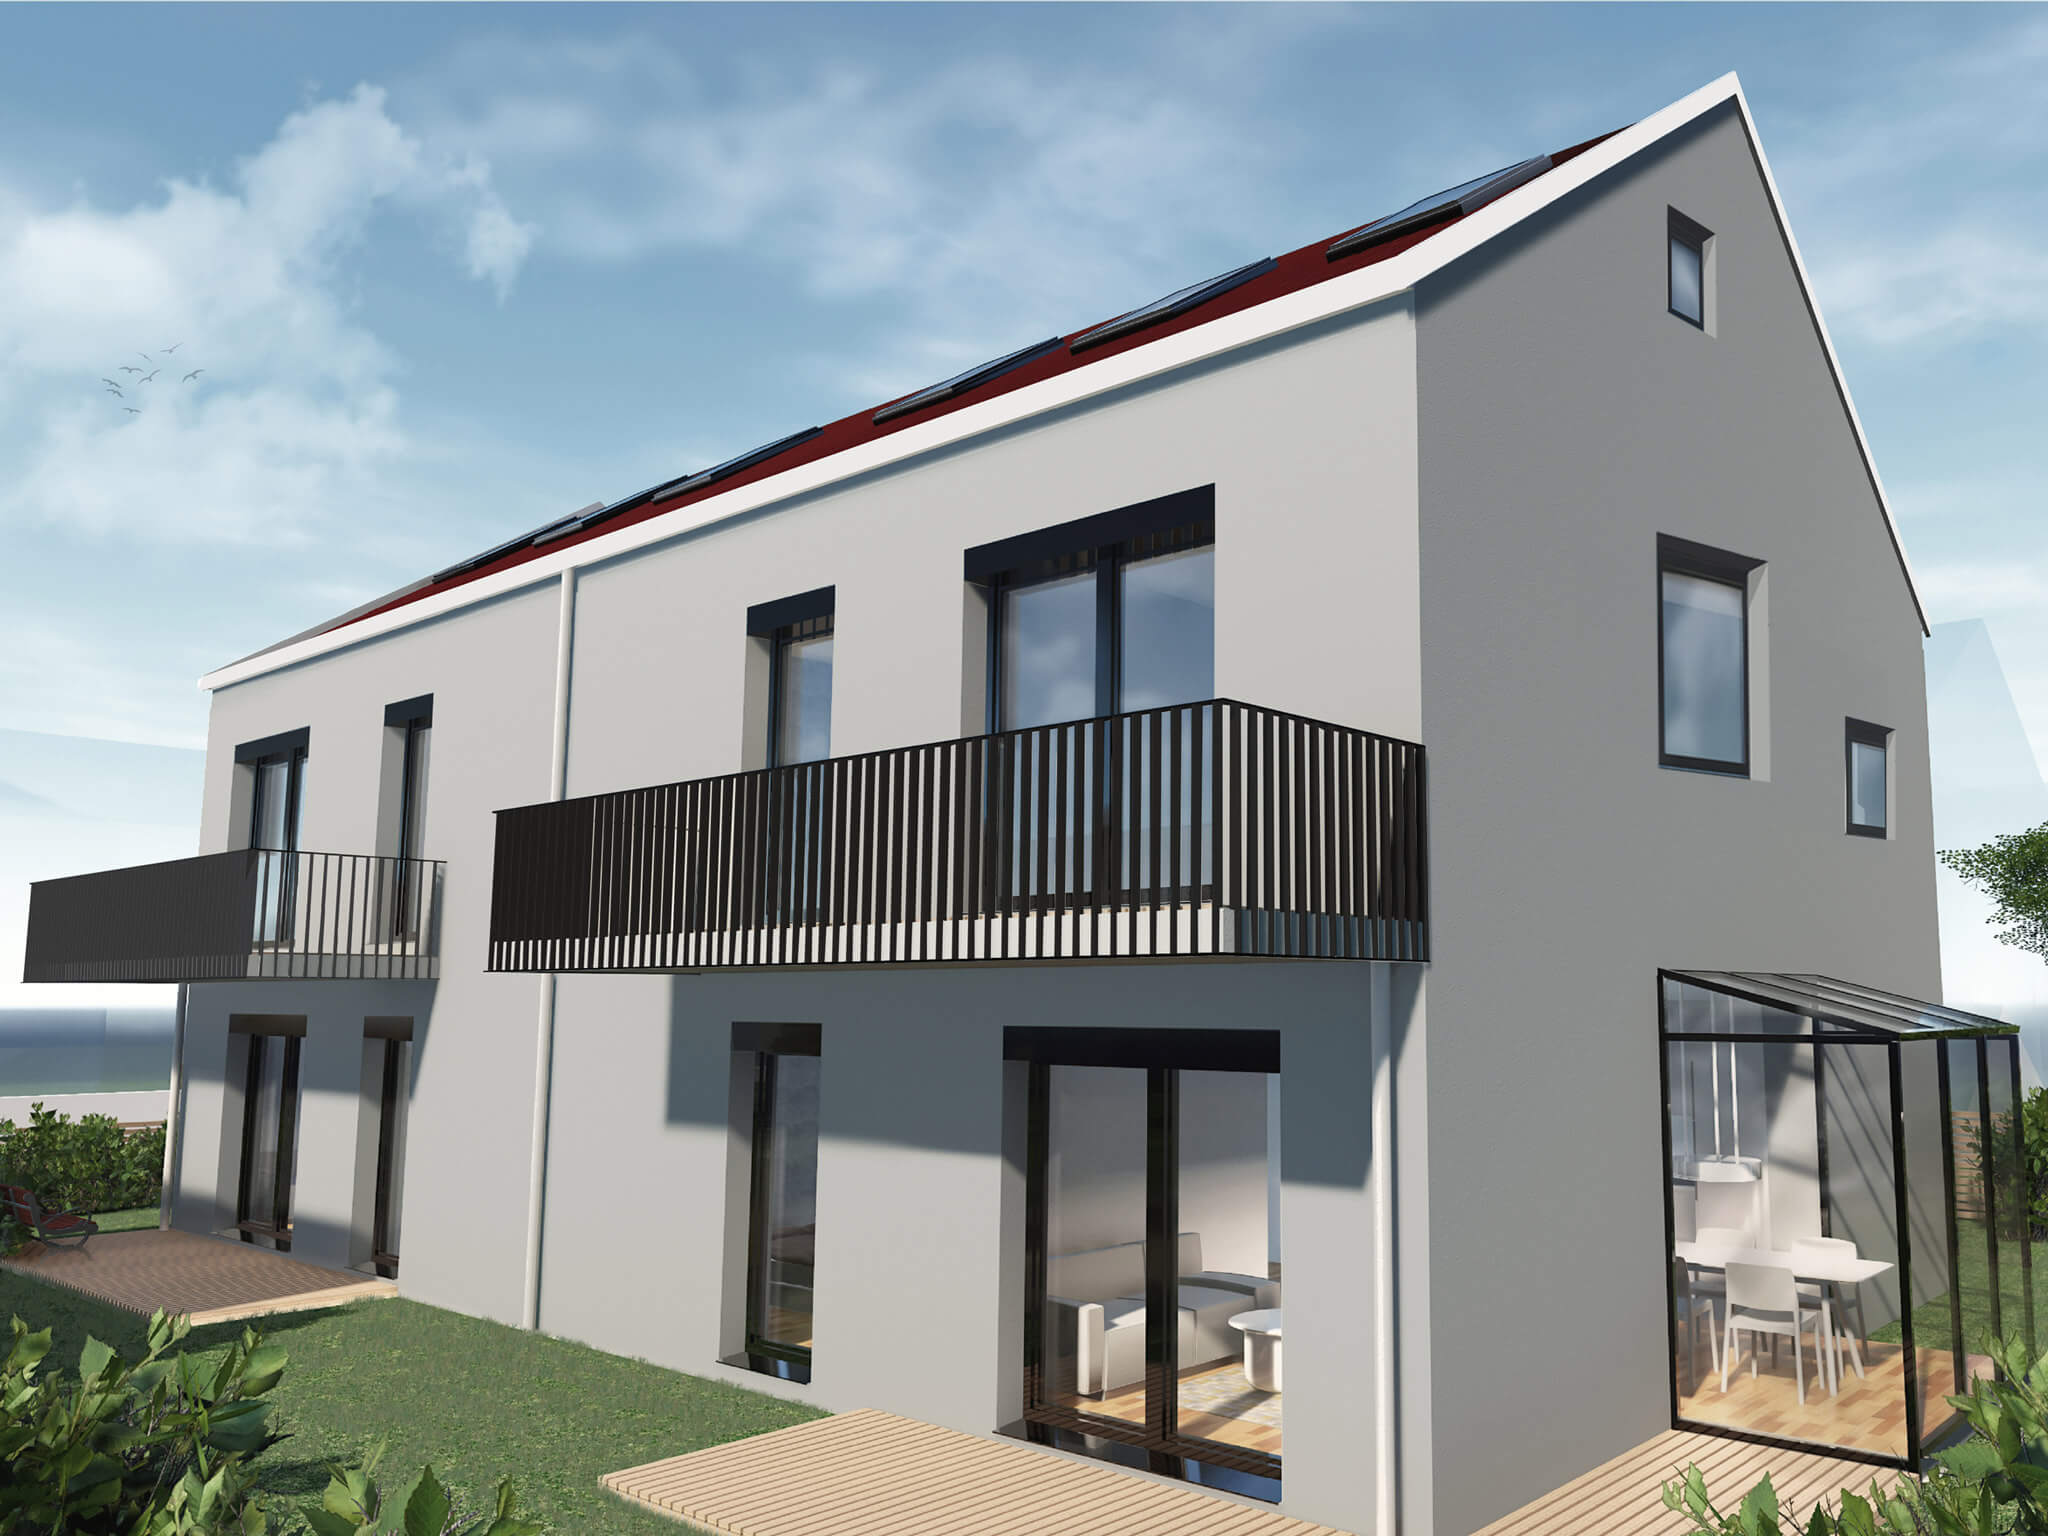 popularc Referenz Doppelhaus: Seitansicht mit Balkon